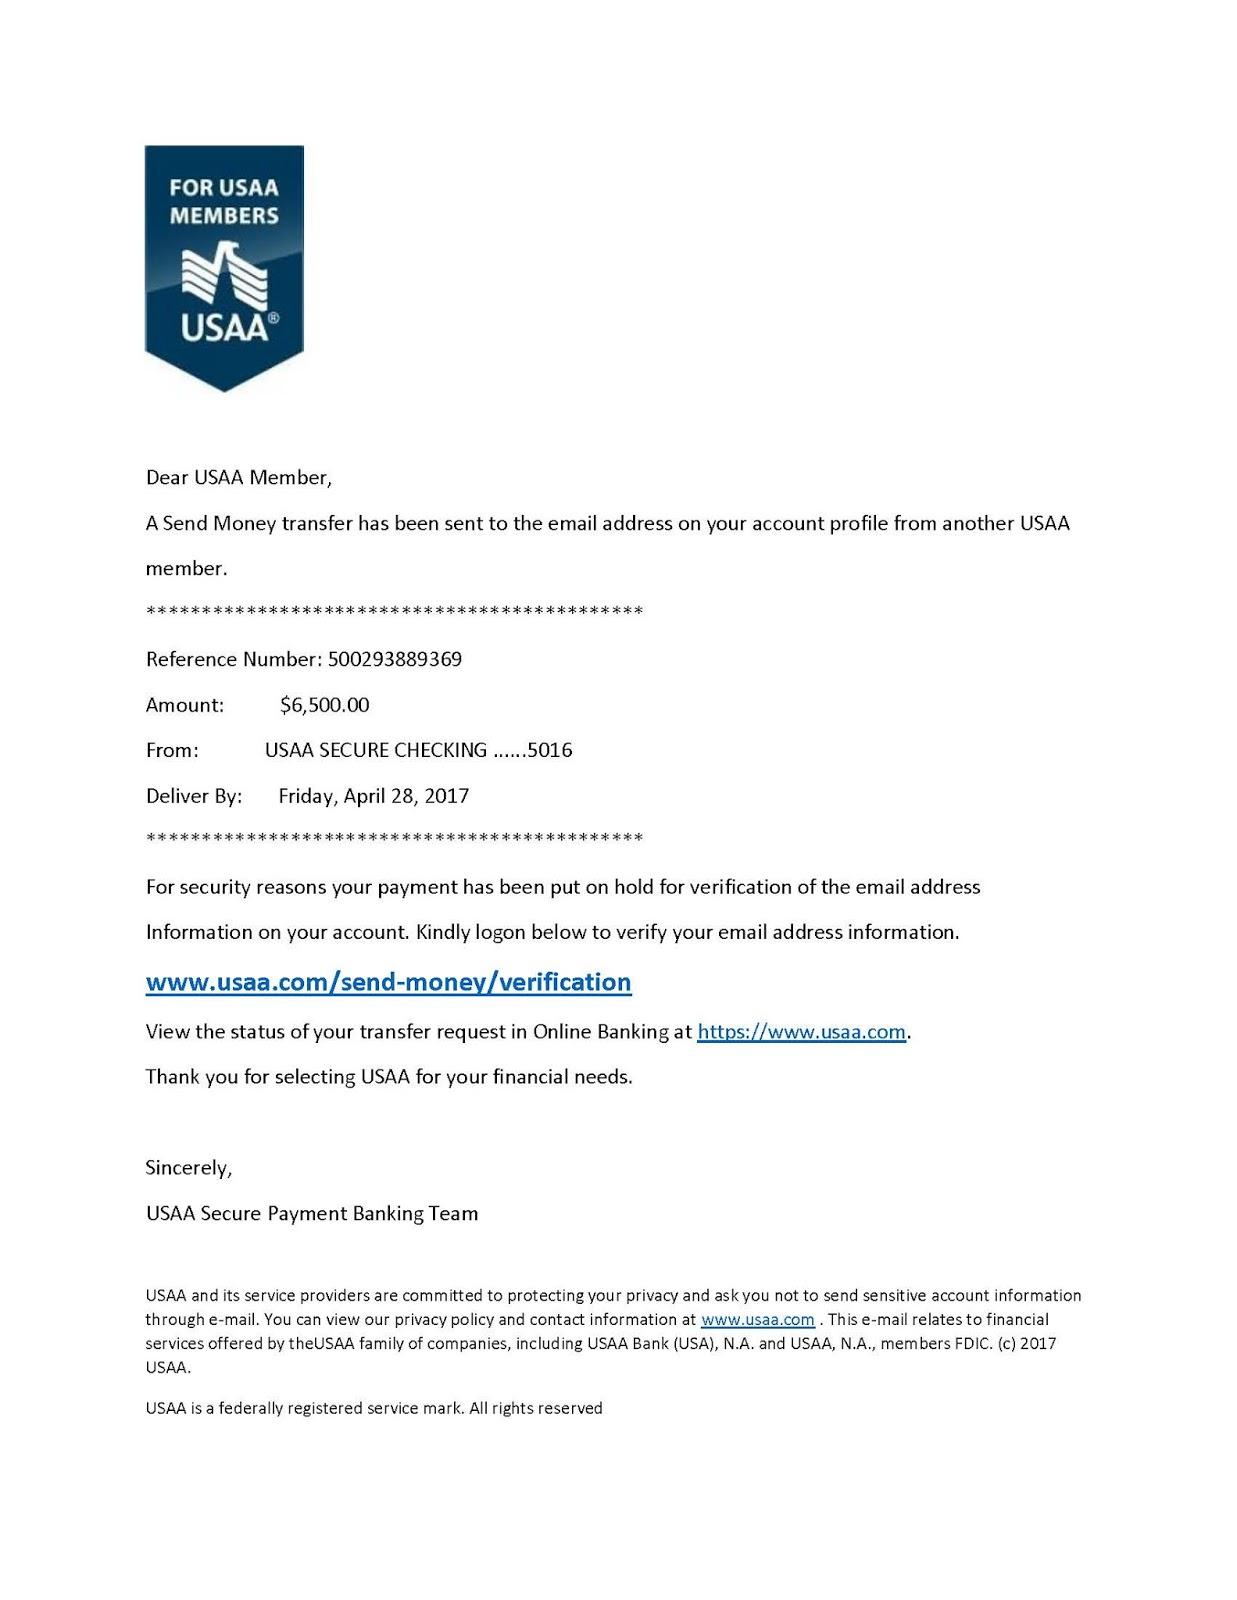 Usaa phishing